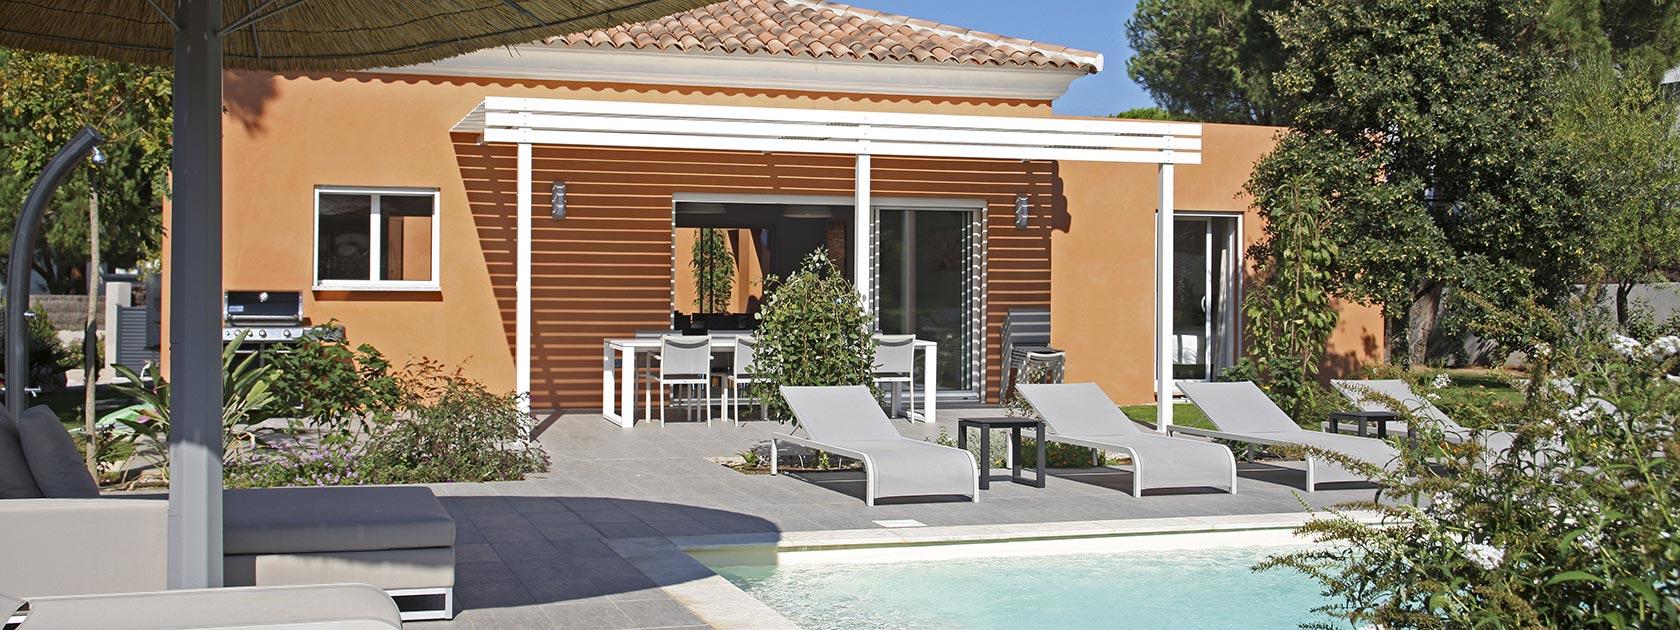 Demander quelques renseignements sur une maison en location à Bordeaux